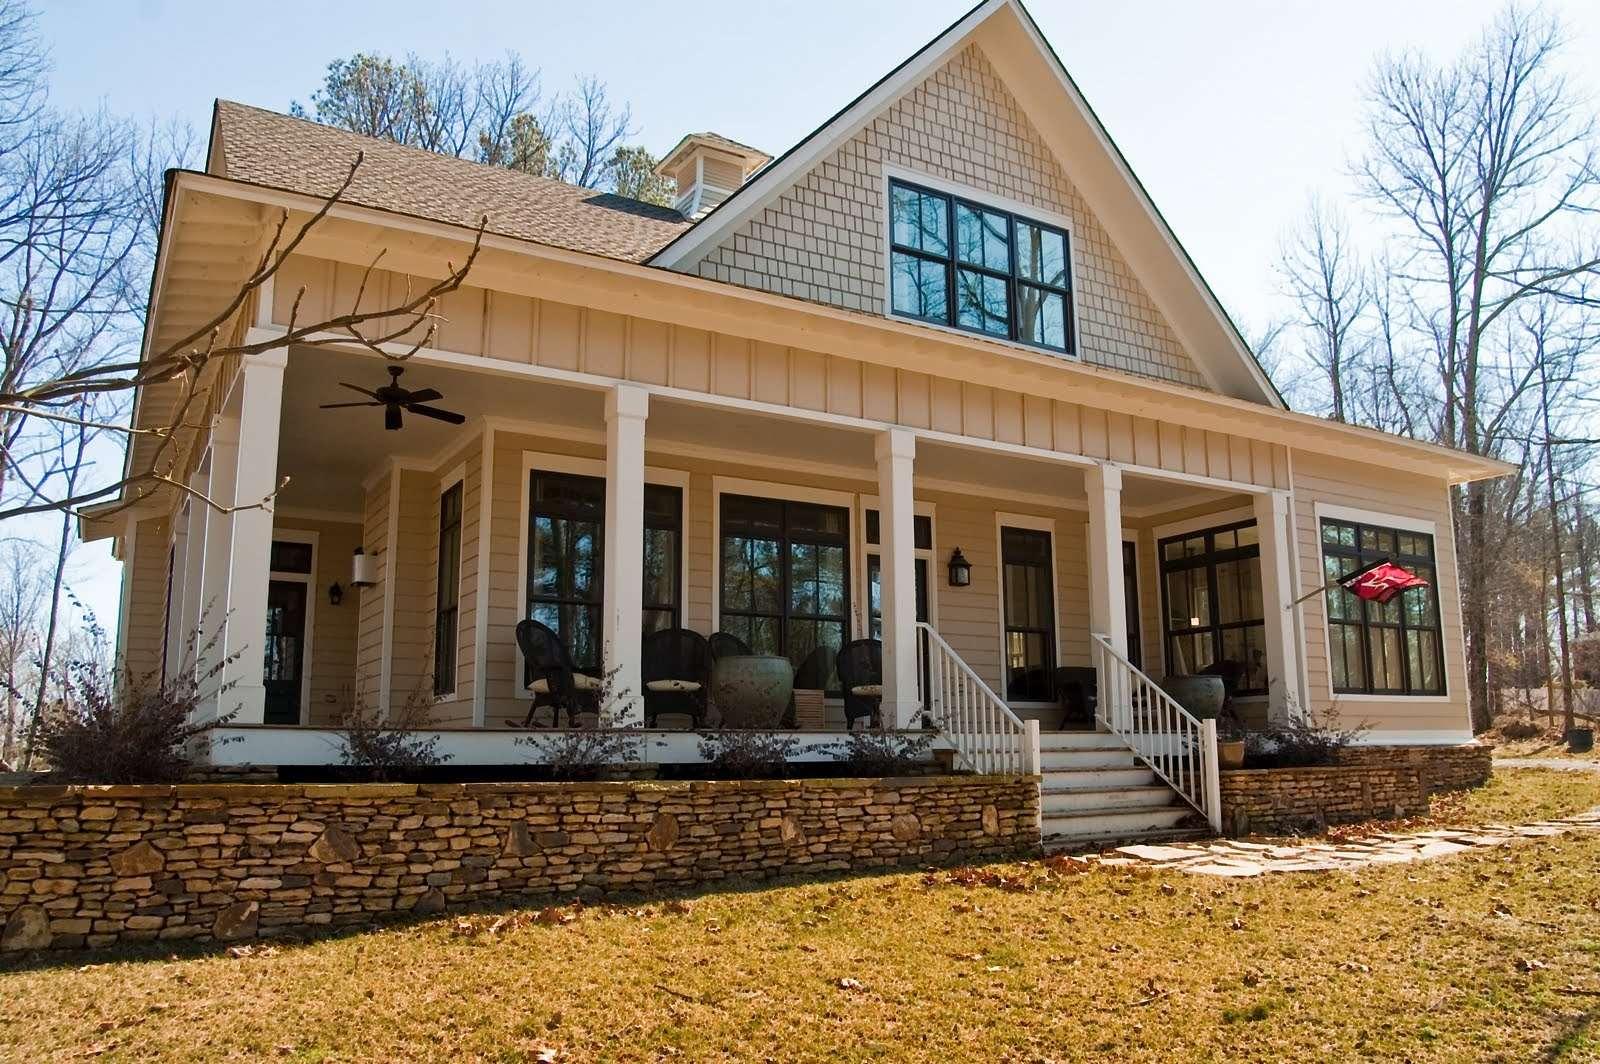 Small Farmhouse House Plans Wrap Around Porch